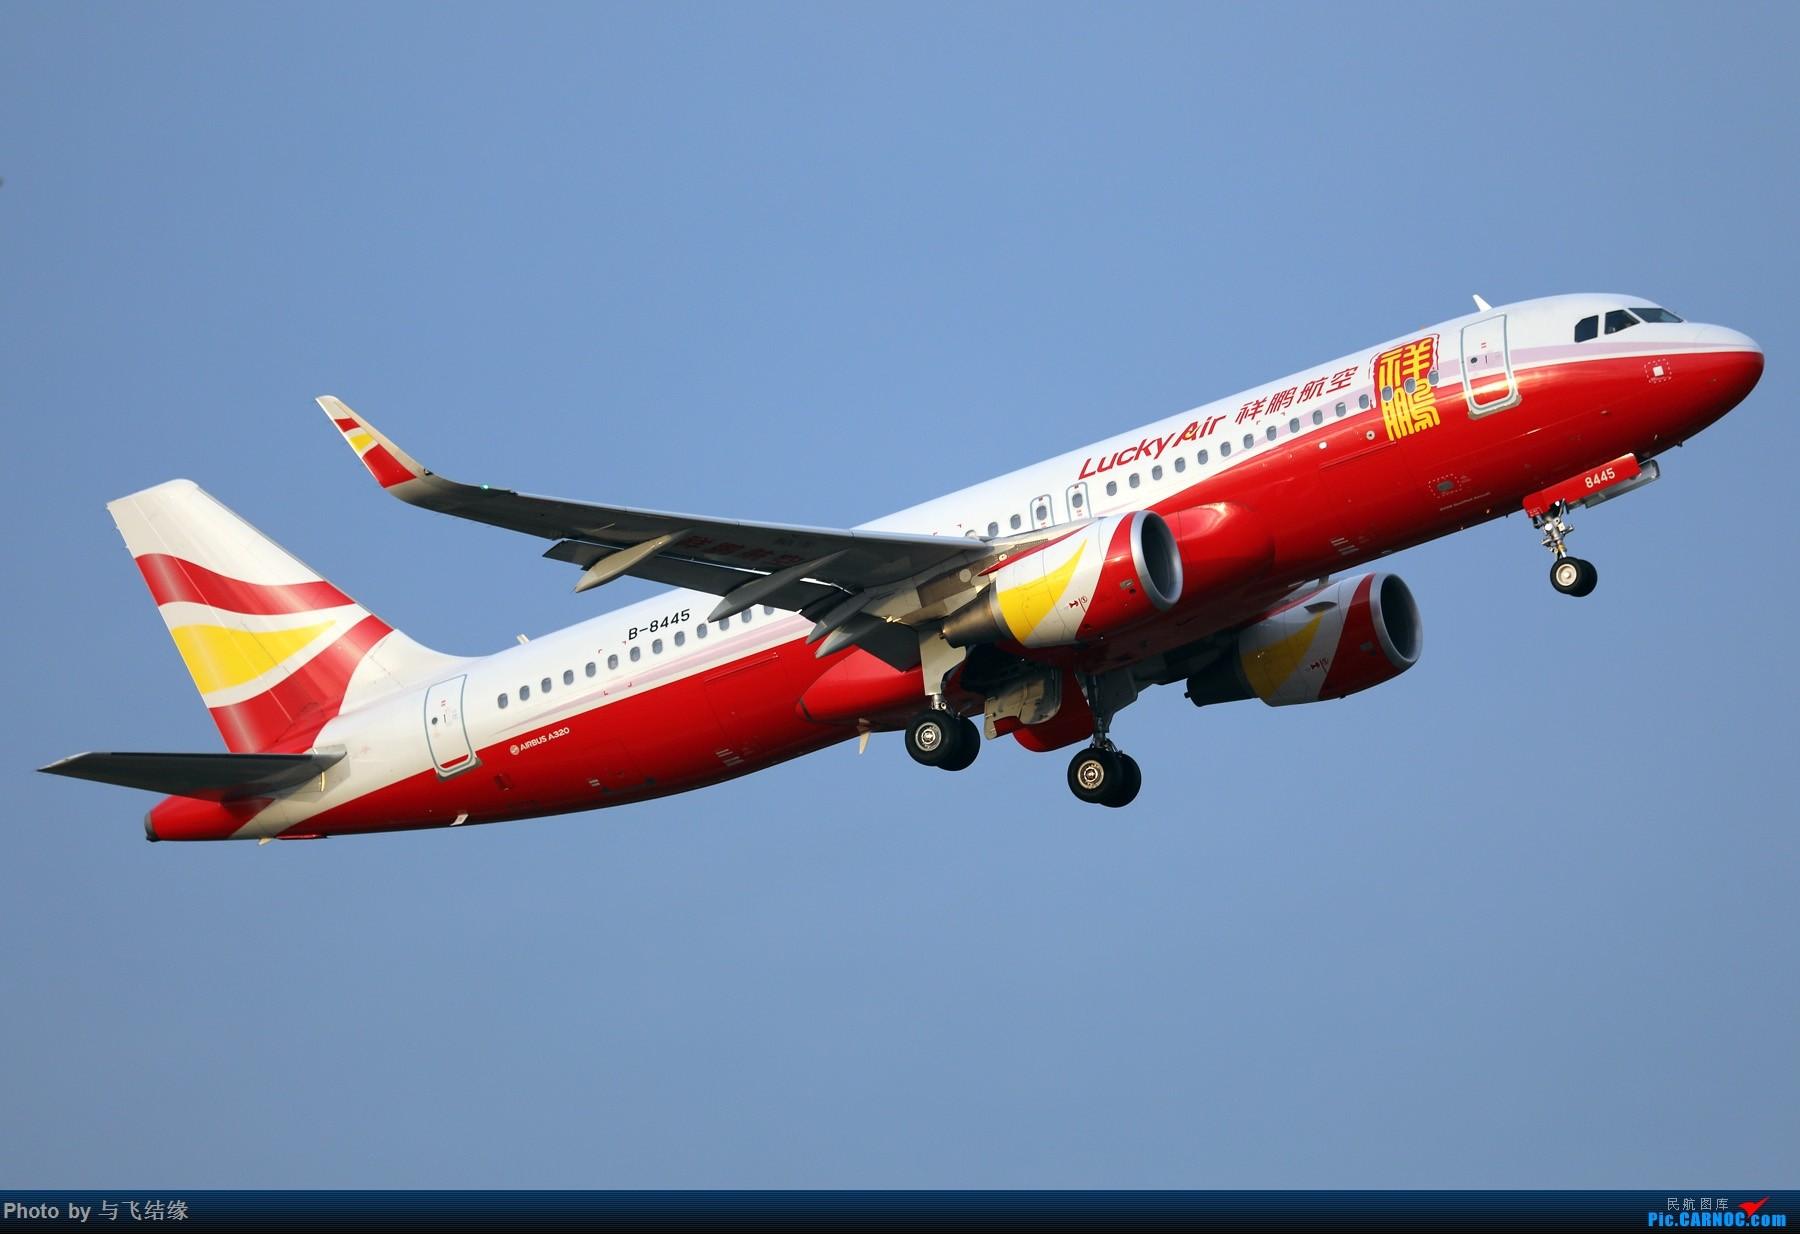 [原创]一张图,在PEK起飞的祥鹏航空新装320! AIRBUS A320-200 B-8445 中国北京首都国际机场